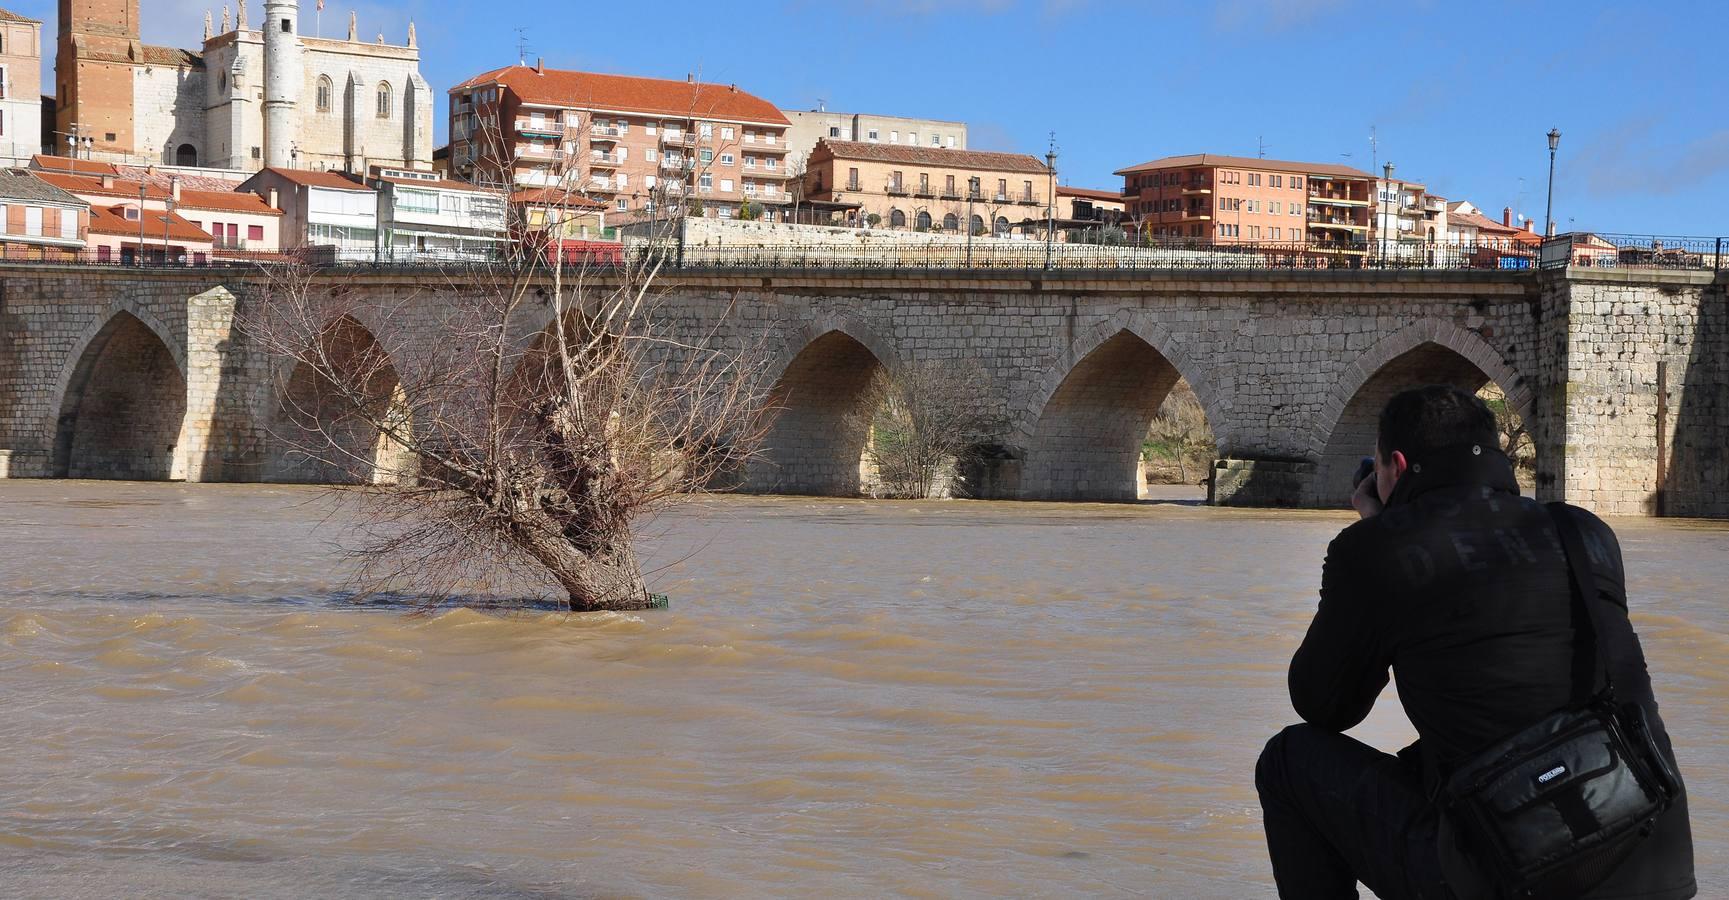 Crecida del río Duero a su paso por Tordesillas